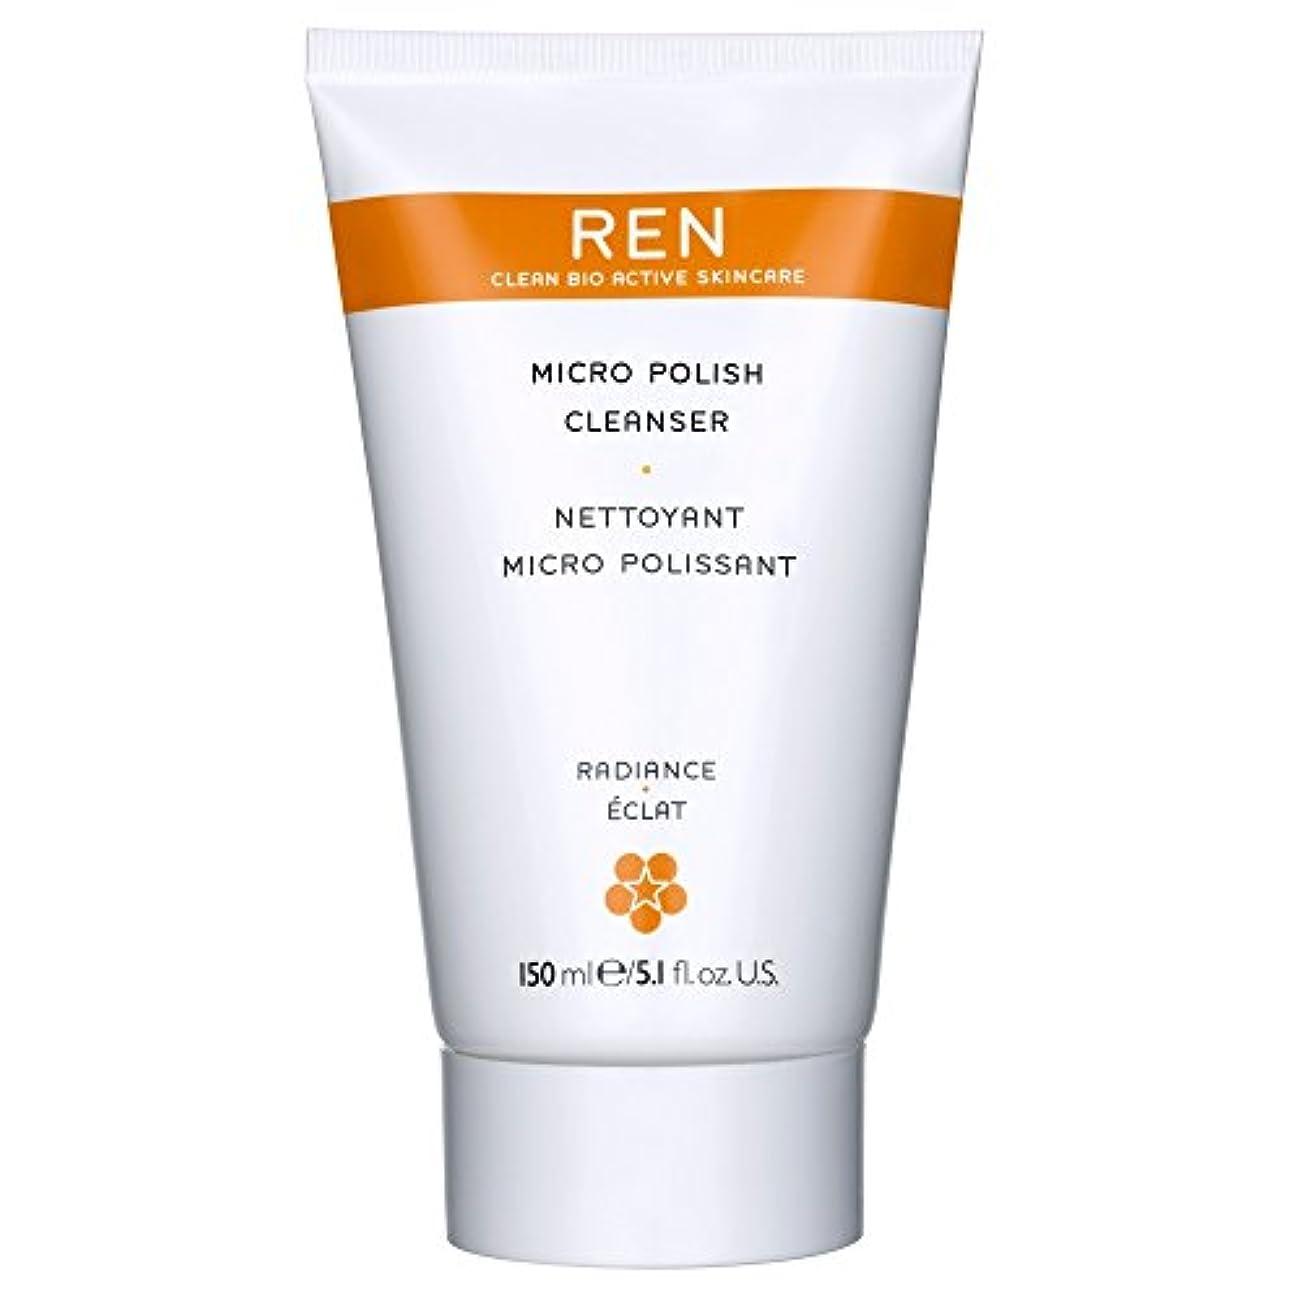 意図的なしでタービンRenミルコ磨きクレンザー、150ミリリットル (REN) (x2) - REN Mirco Polish Cleanser, 150ml (Pack of 2) [並行輸入品]